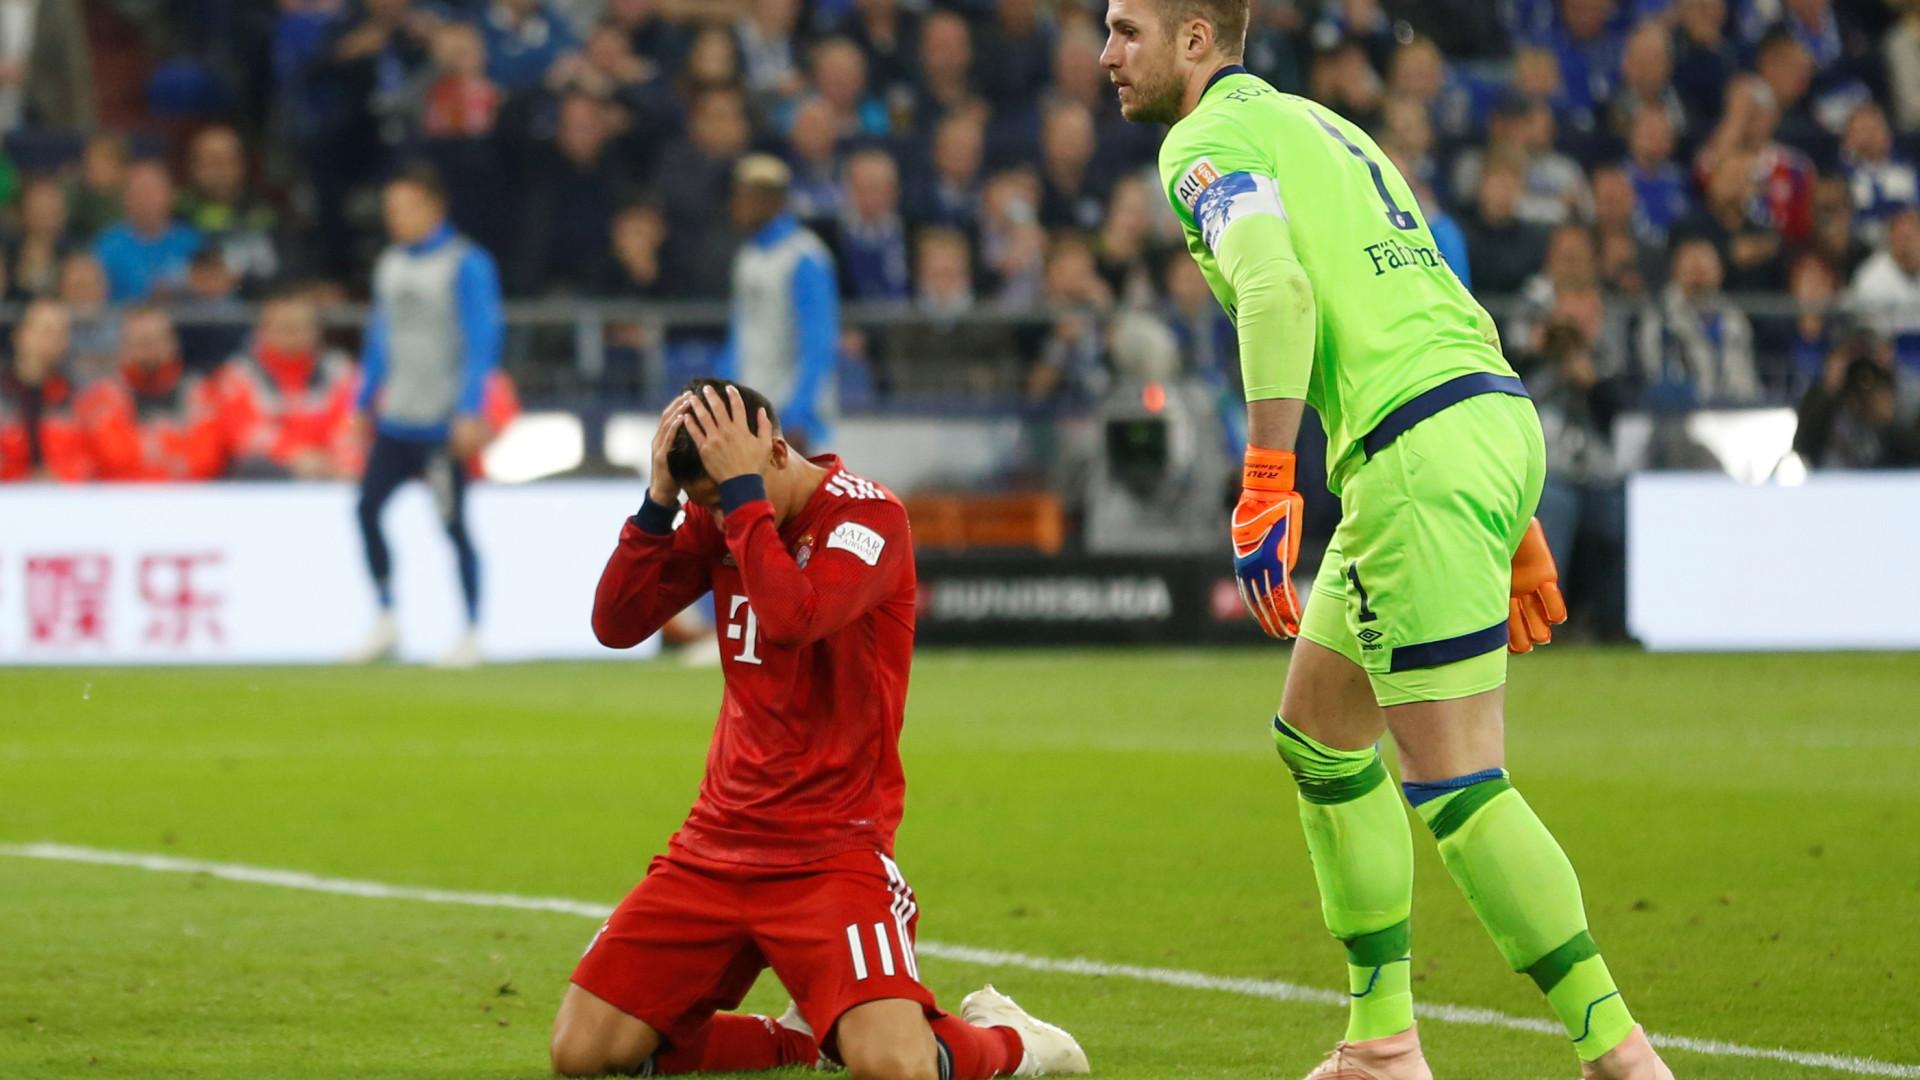 Tempestade em Munique: James teve um ataque de ira no balneário do Bayern